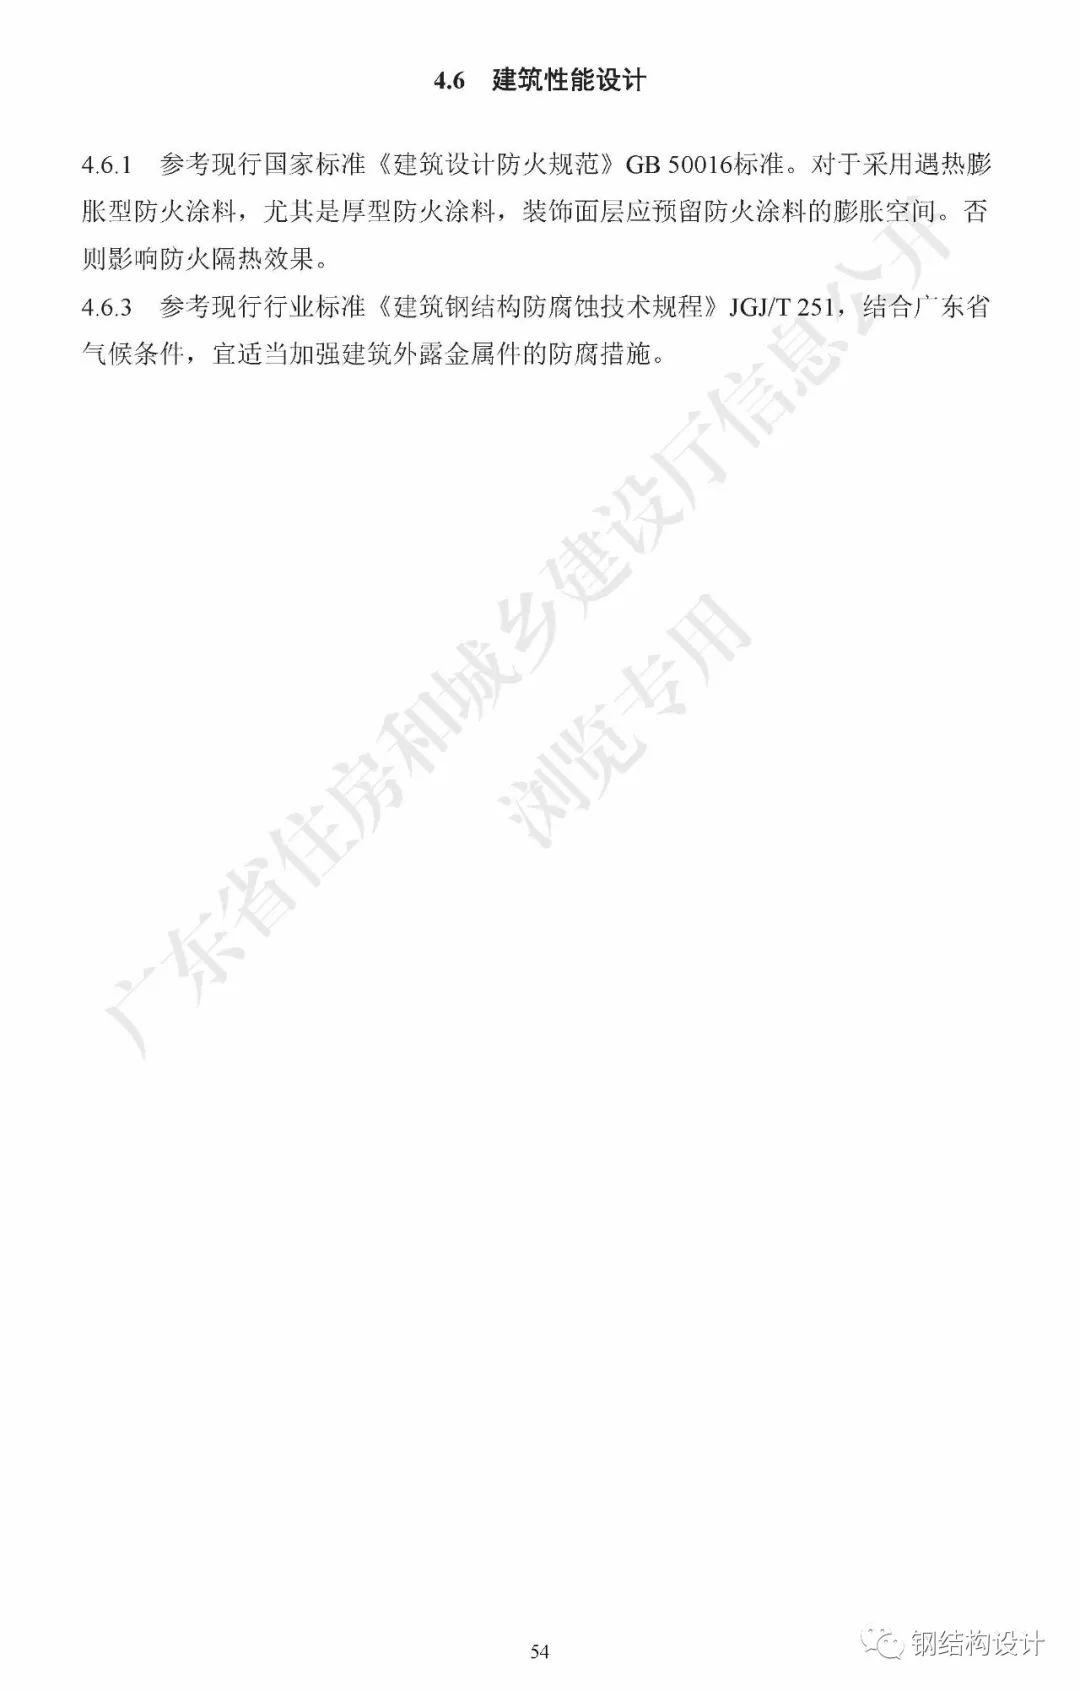 广东省《装配式钢结构建筑技术规程》发布_64